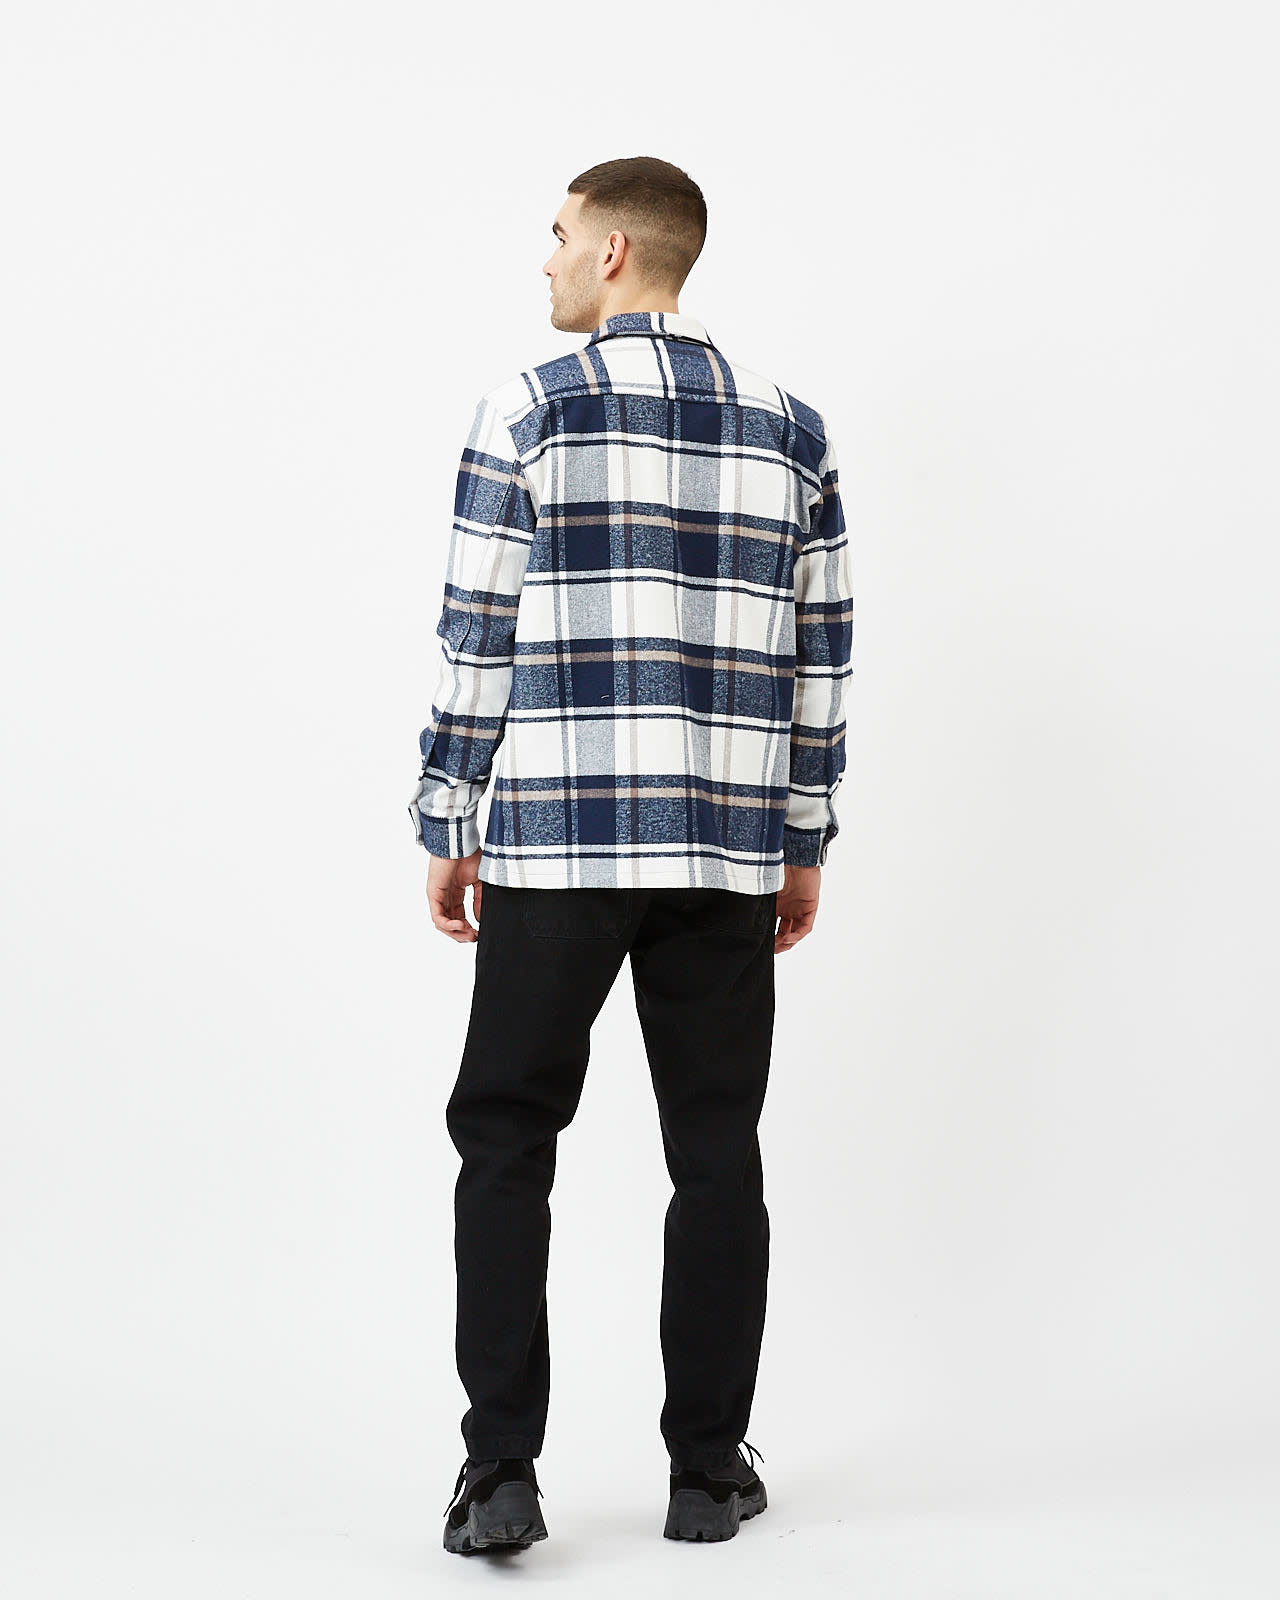 Minimum Minimum Doppy 9145 Overshirt Broken White